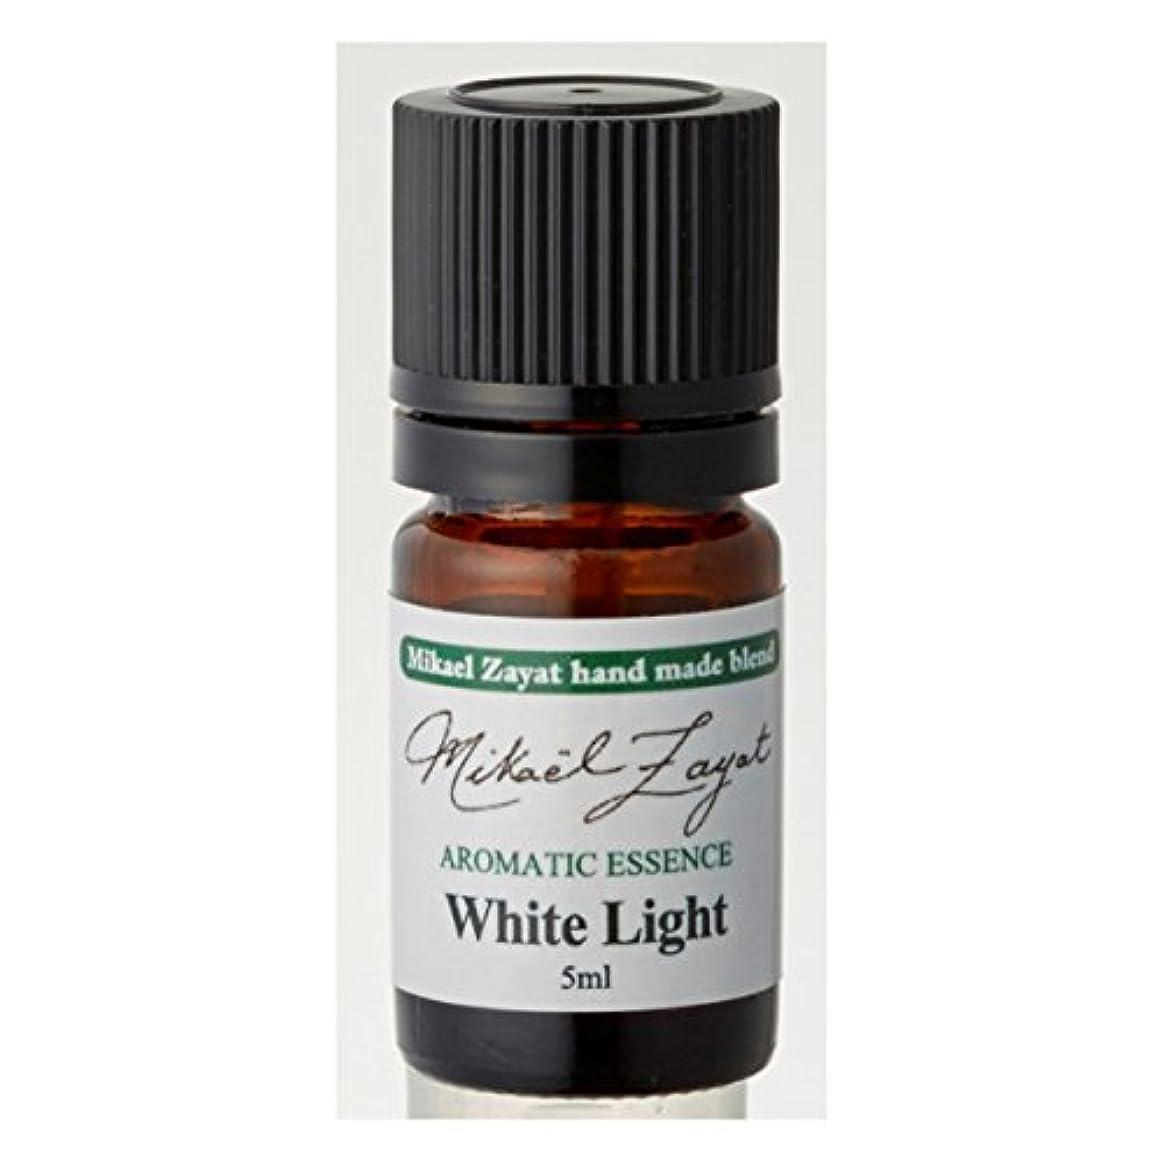 世界チーム不調和ミカエルザヤット ホワイトライト White Light 5ml/ Mikael Zayat hand made blend